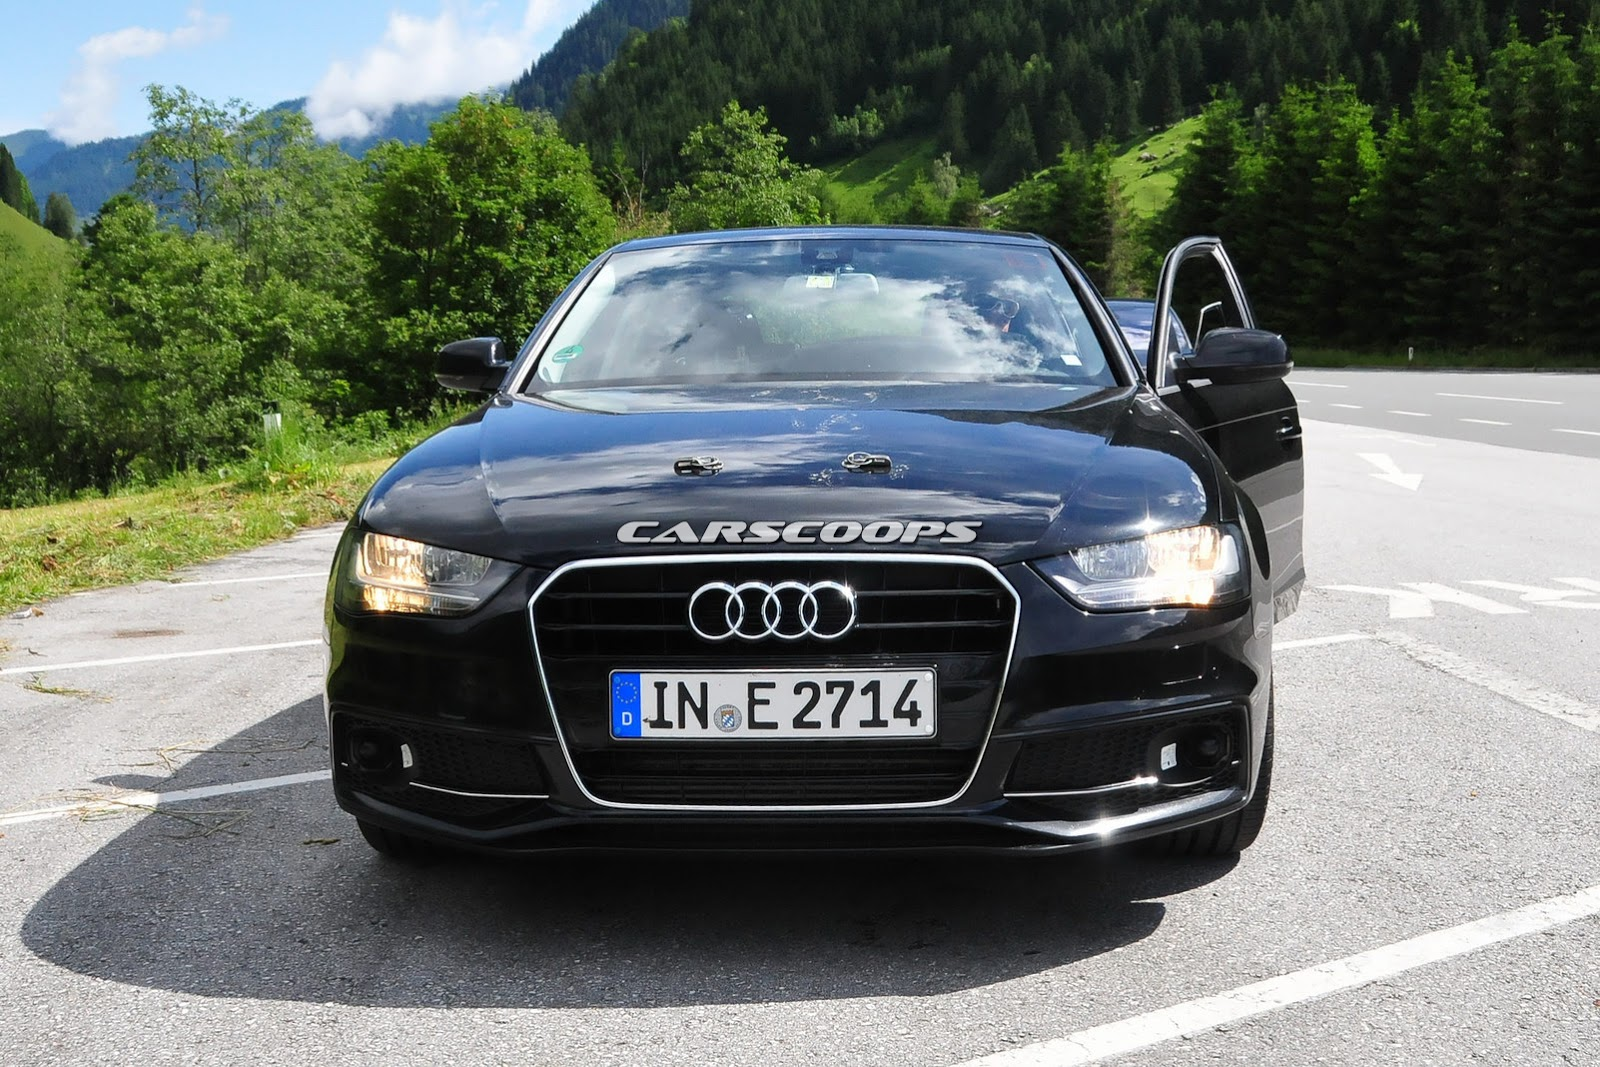 Audi A4 2015 trong cuộc kiểm tra tại Châu Âu